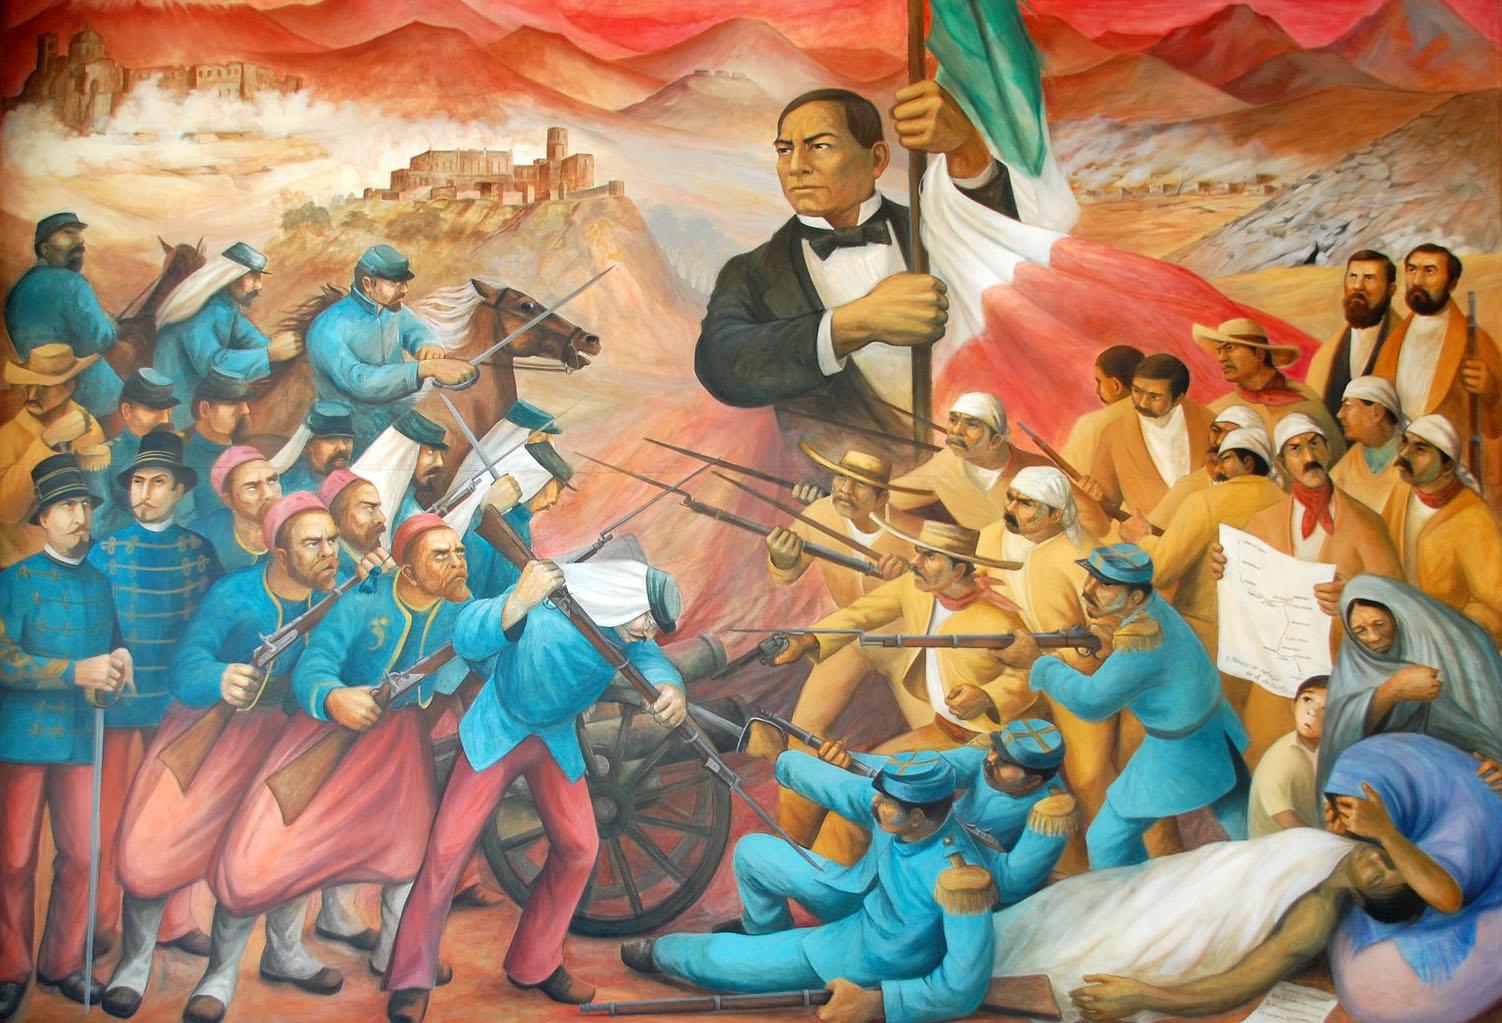 Imagen de detalle del mural de José Clemente Orozco, Juárez, el clero y los imperialistas.